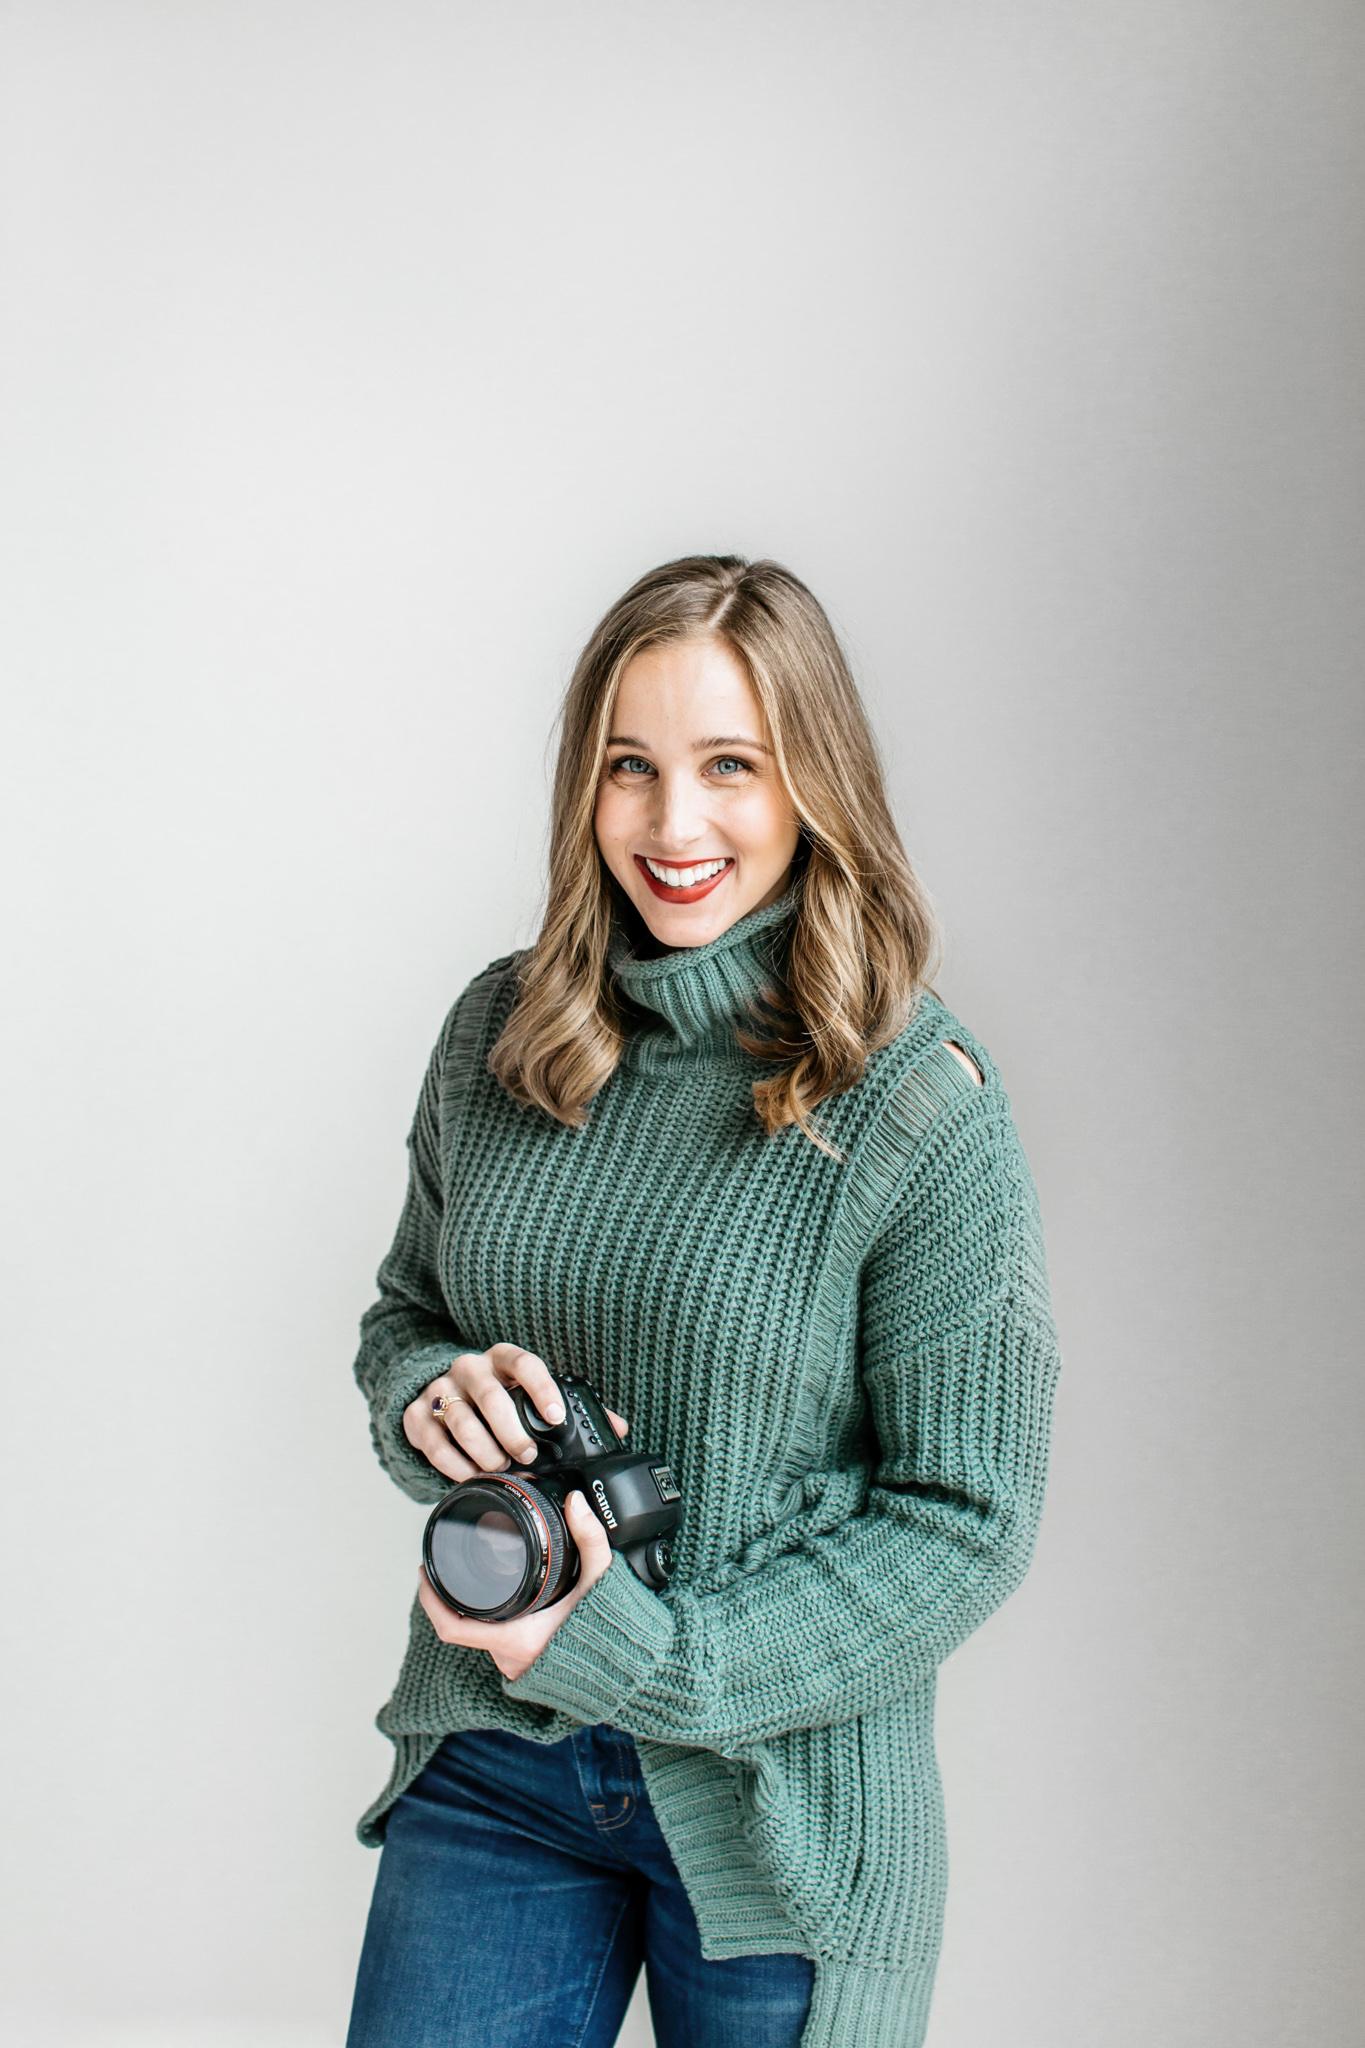 Alexa-Vossler-Photo_Dallas-Portrait-Photographer_ Melanie-Foster-Headshots-4.jpg